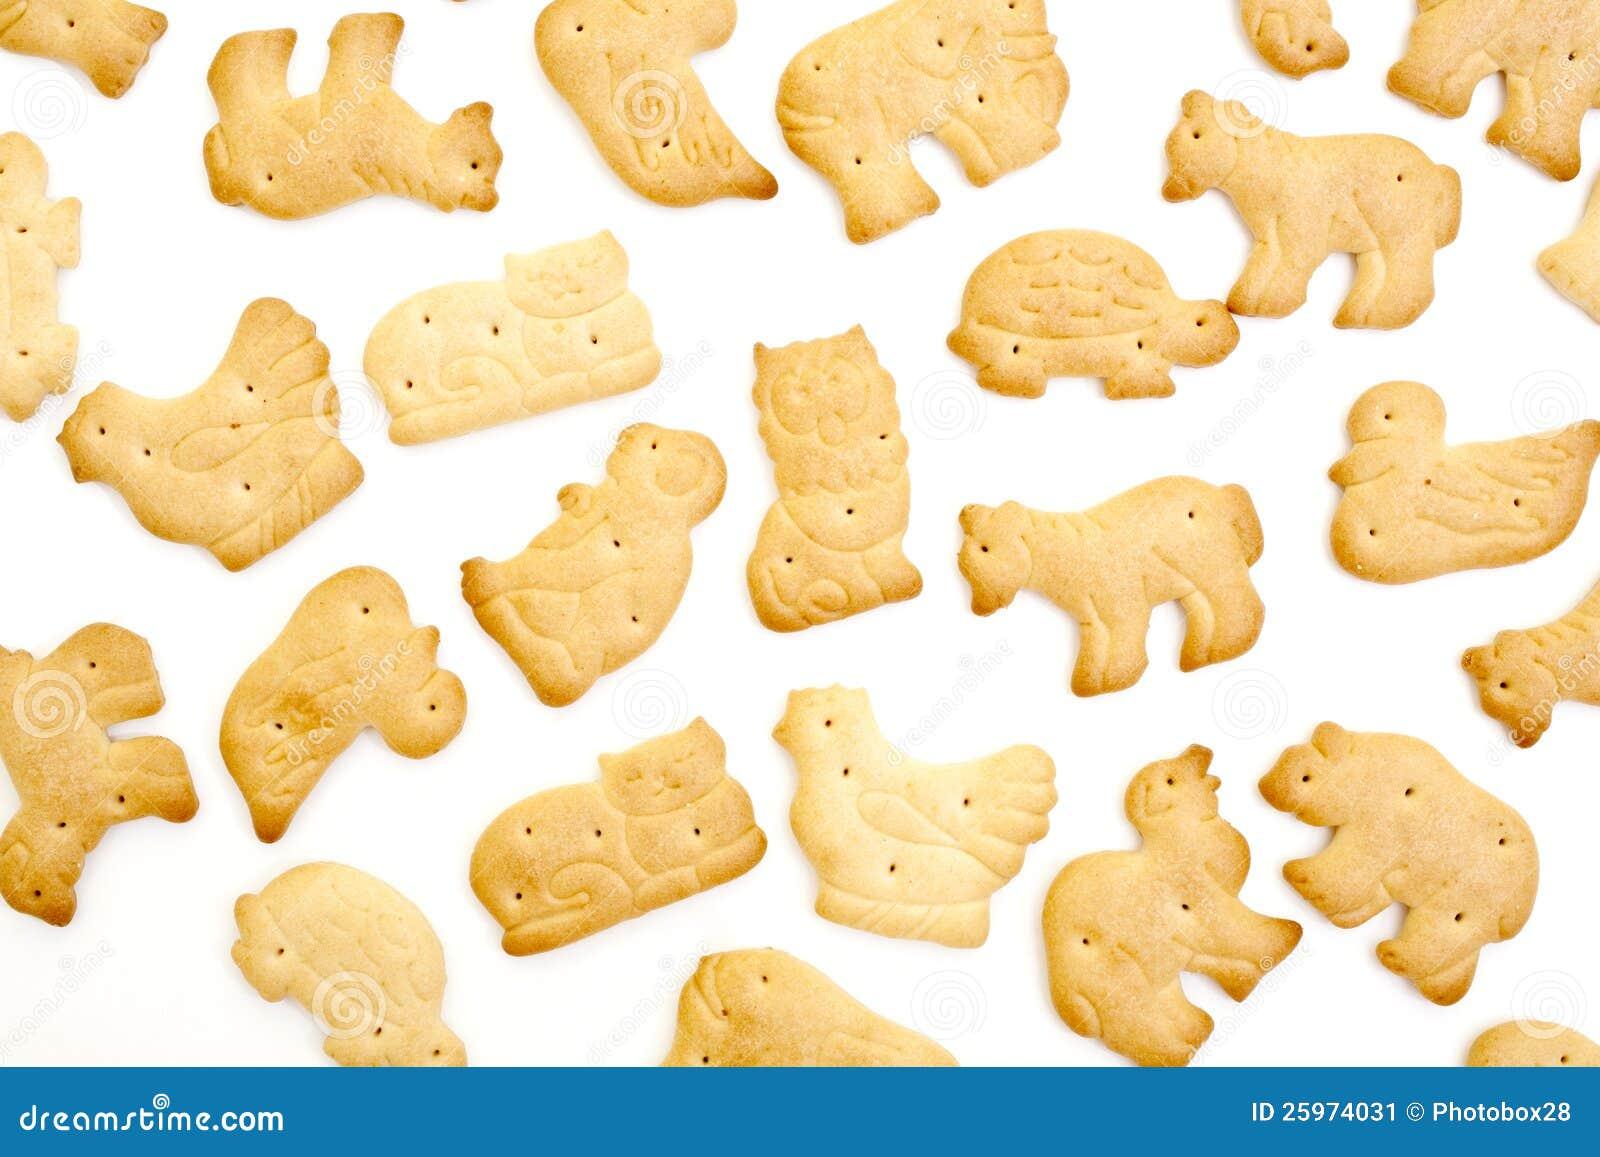 动物形状的薄脆饼干 库存图片